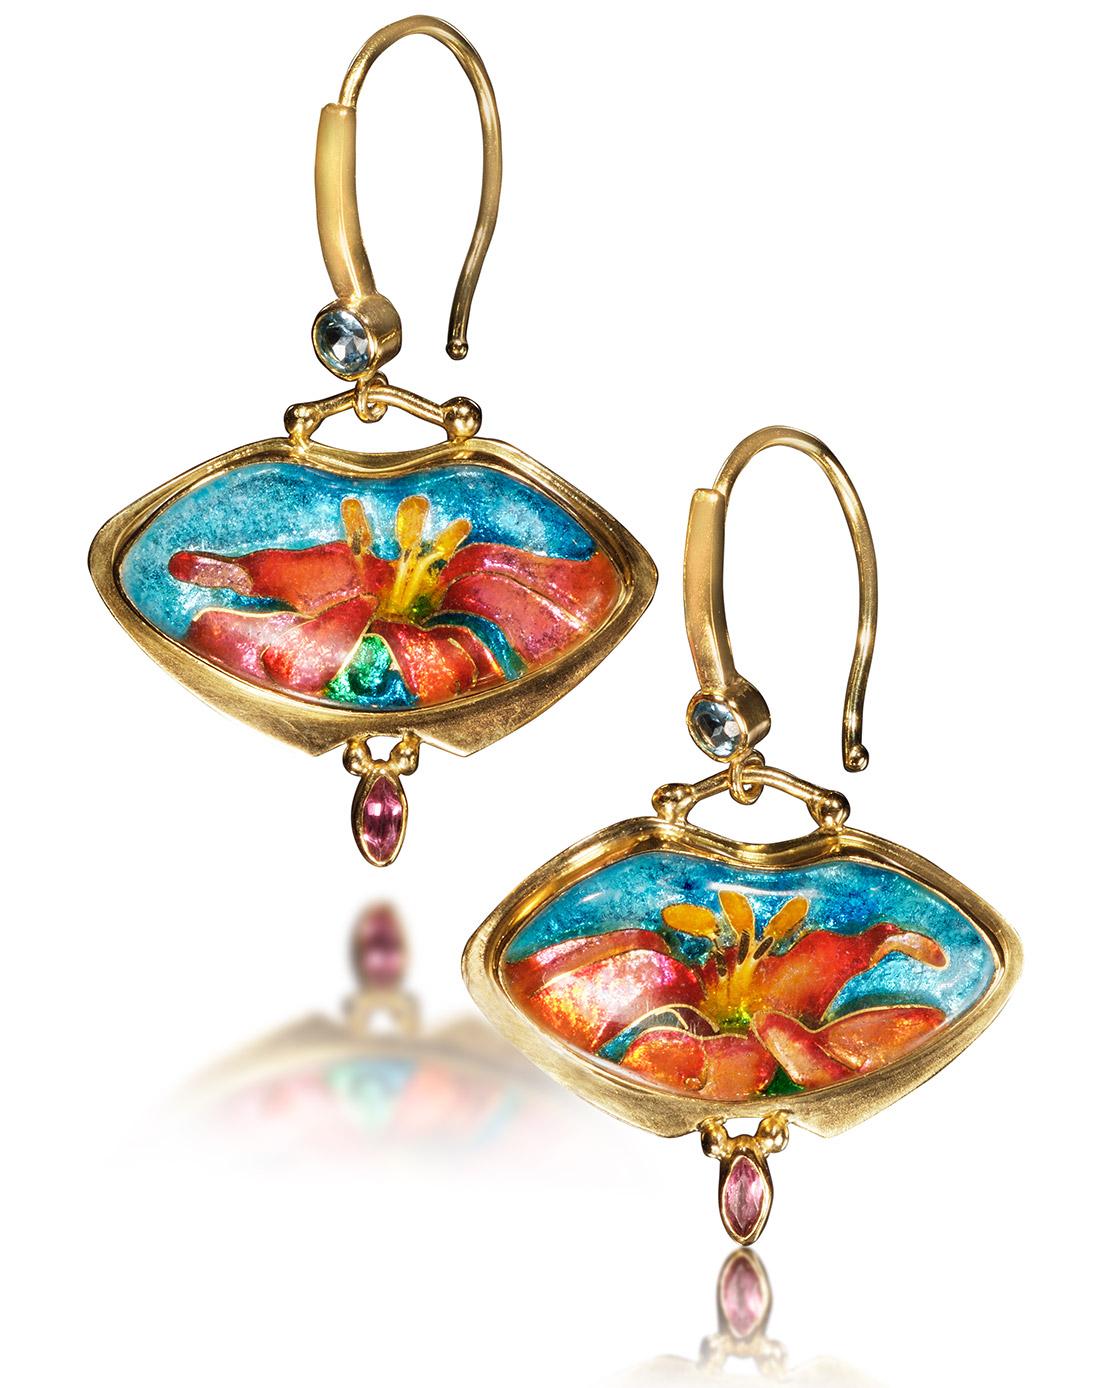 Cloisonne Jewelry   Earrings Canna   Enamel Jewelry by Patsy Croft